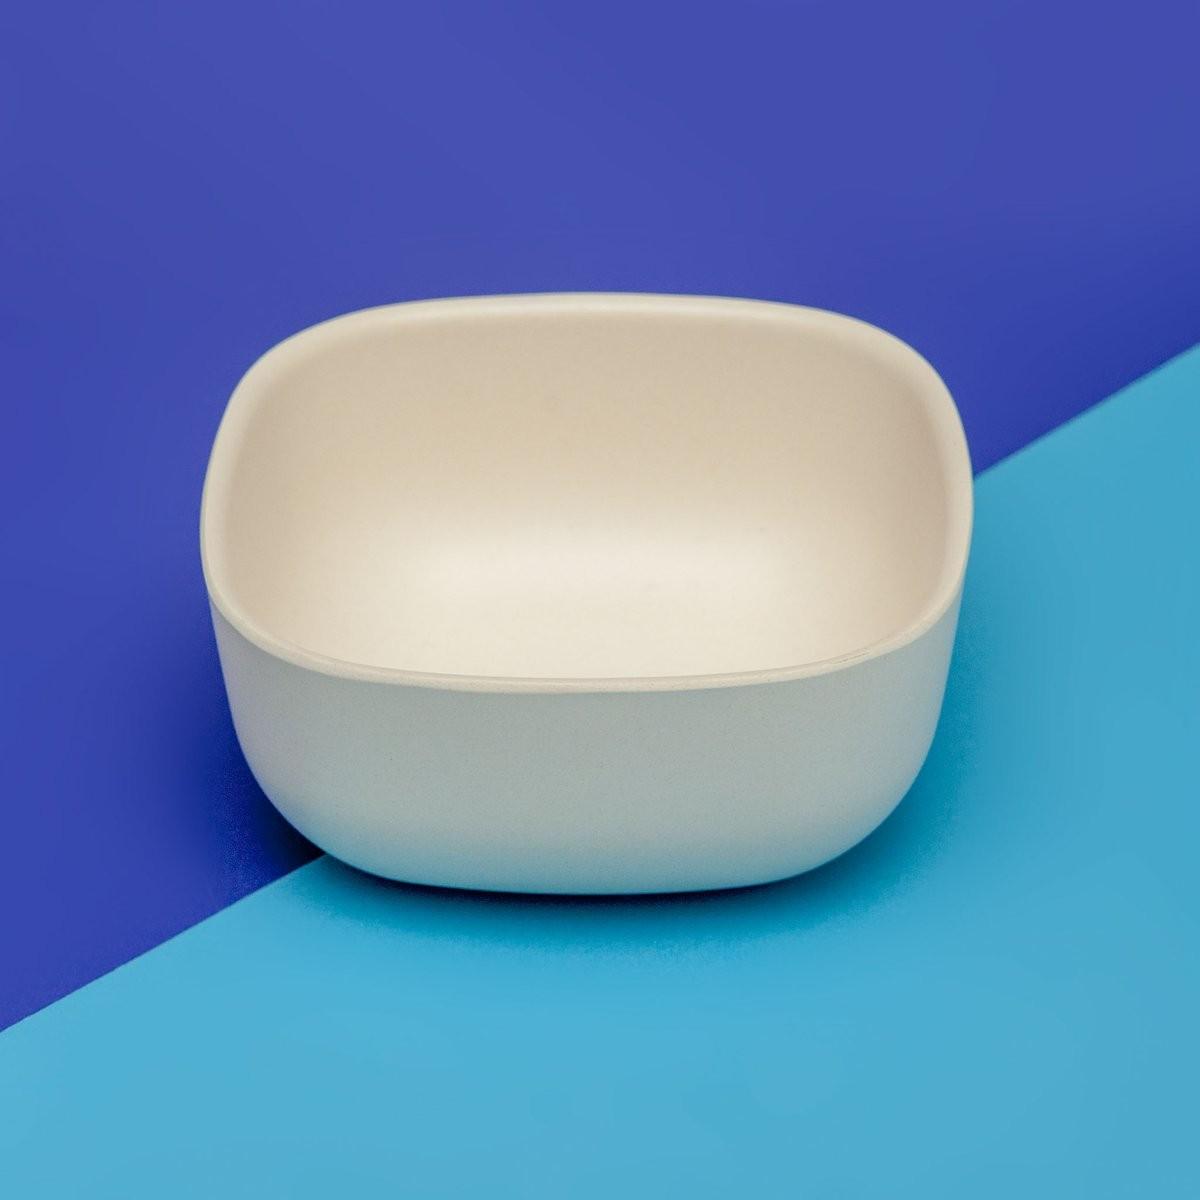 Delicate Gusto Bowl in White